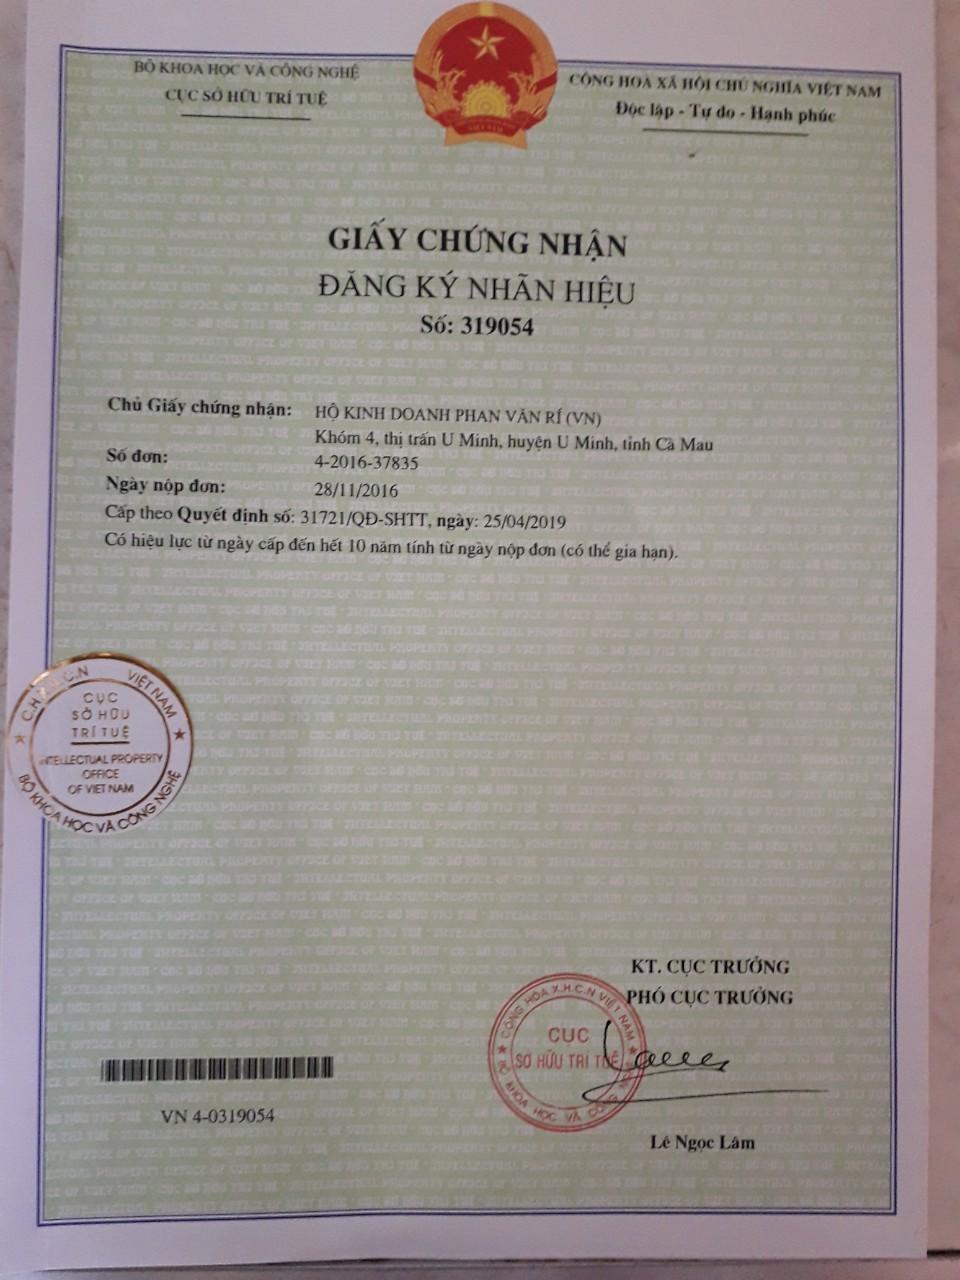 Đặc sản U Minh Mắm Ong Hai Ngò hộp 800gram